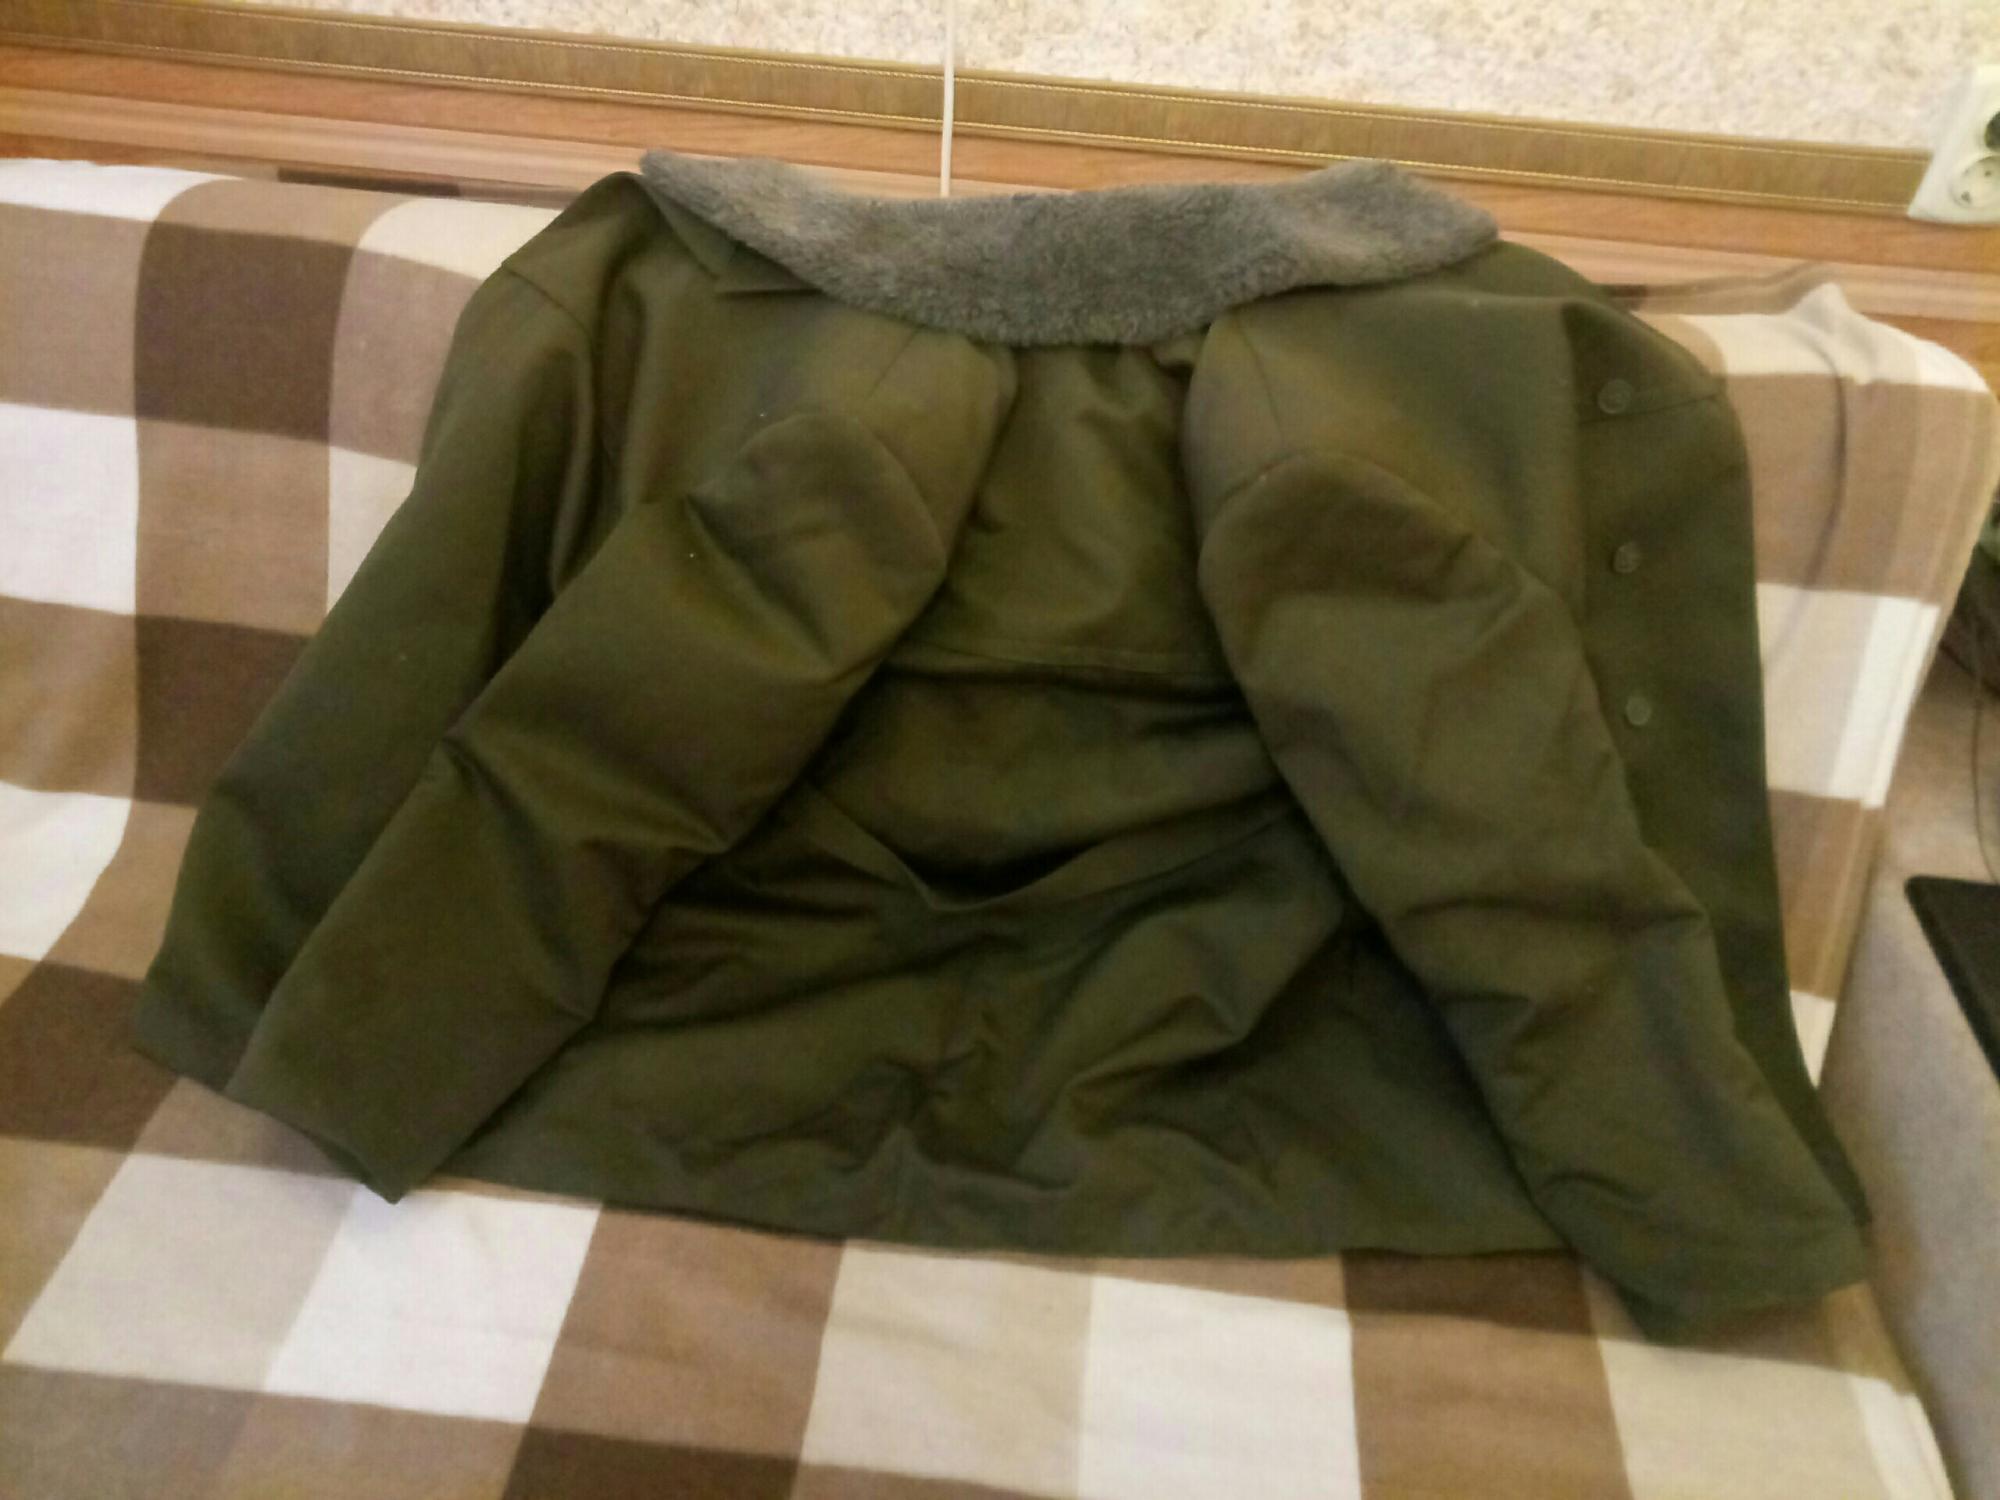 Куртка (полупальто) зимняя военная в Троицке 89055886677 купить 2